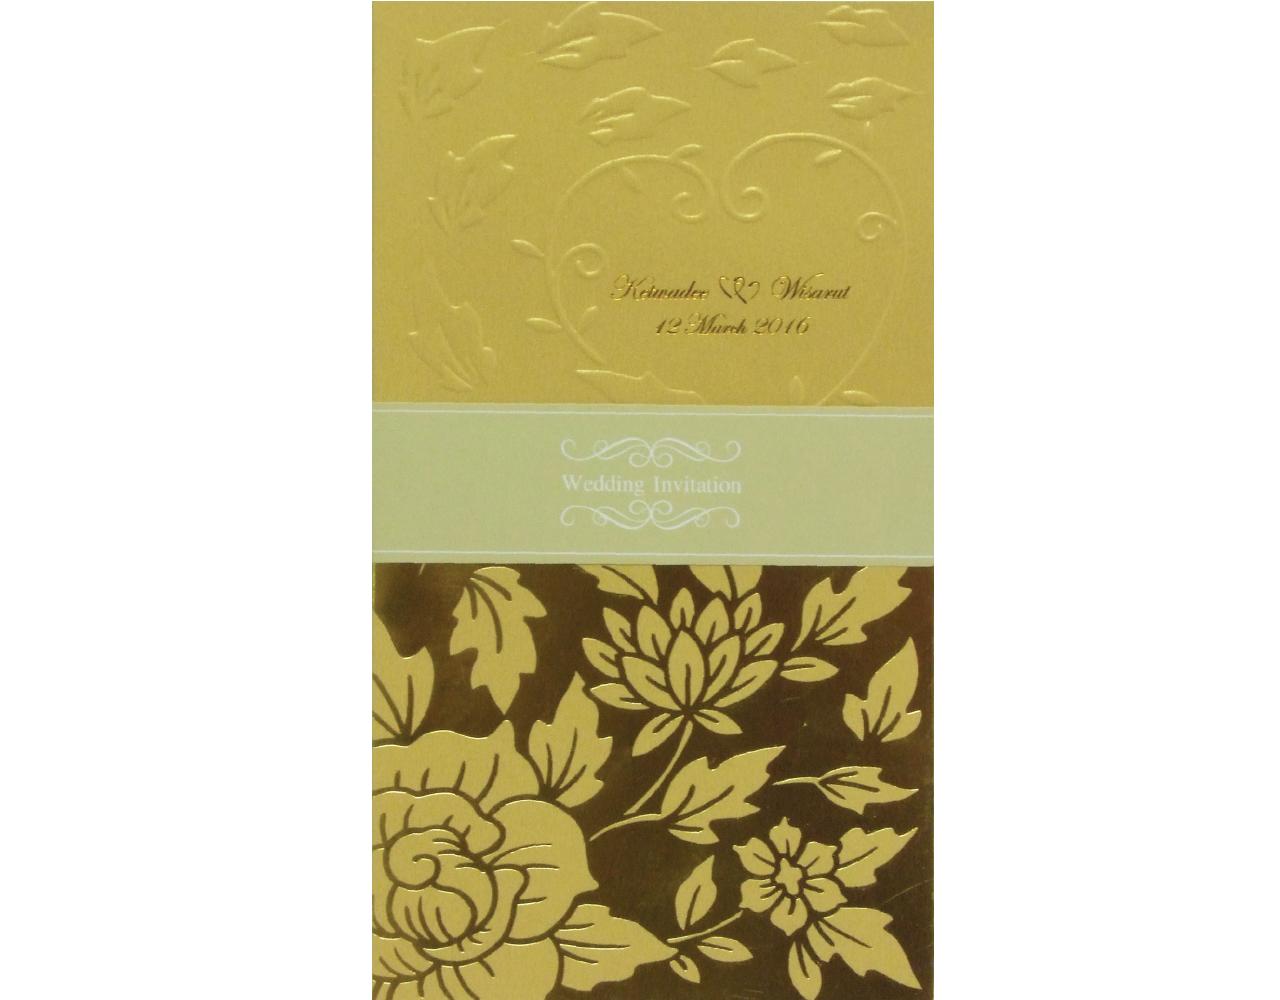 การ์ดแต่งงาน การ์ดเชิญงานแต่ง กระดาษมุกทอง การ์ดแนวตั้ง พร้อมซองและสายคาด wedding card 22.2 x 12.5 cm SP 1606 Gold ฿ 9.50